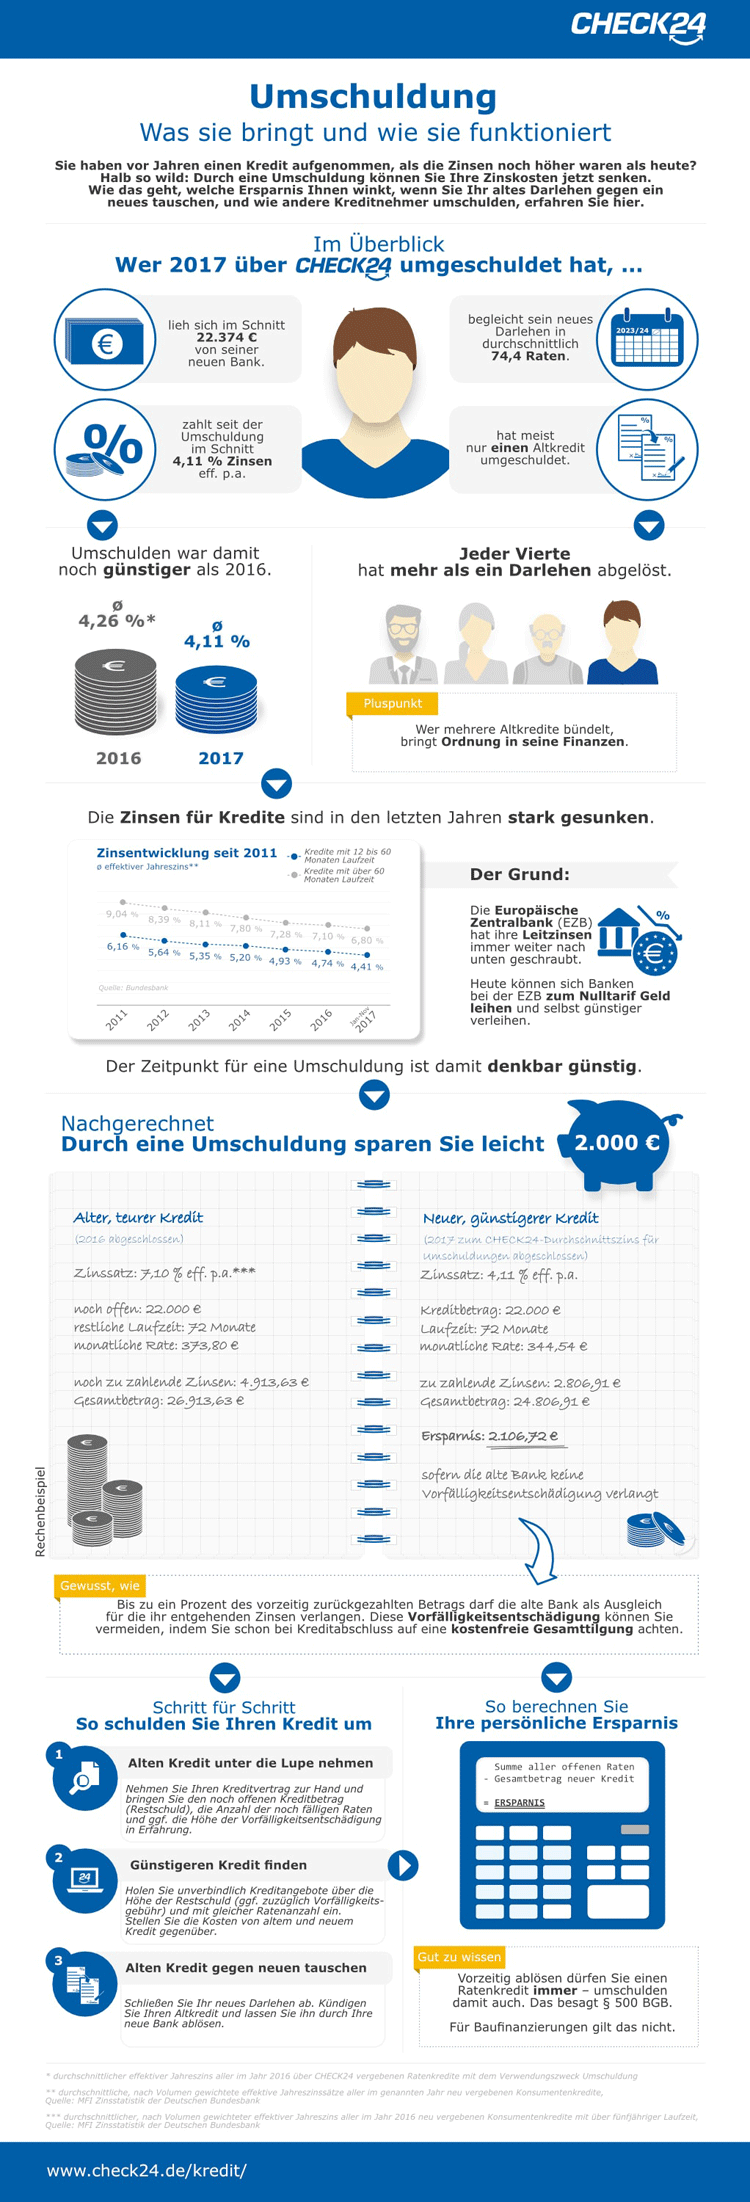 Infografik: Was die Umschuldung von bestehenden Krediten bringt und wie sie funktioniert